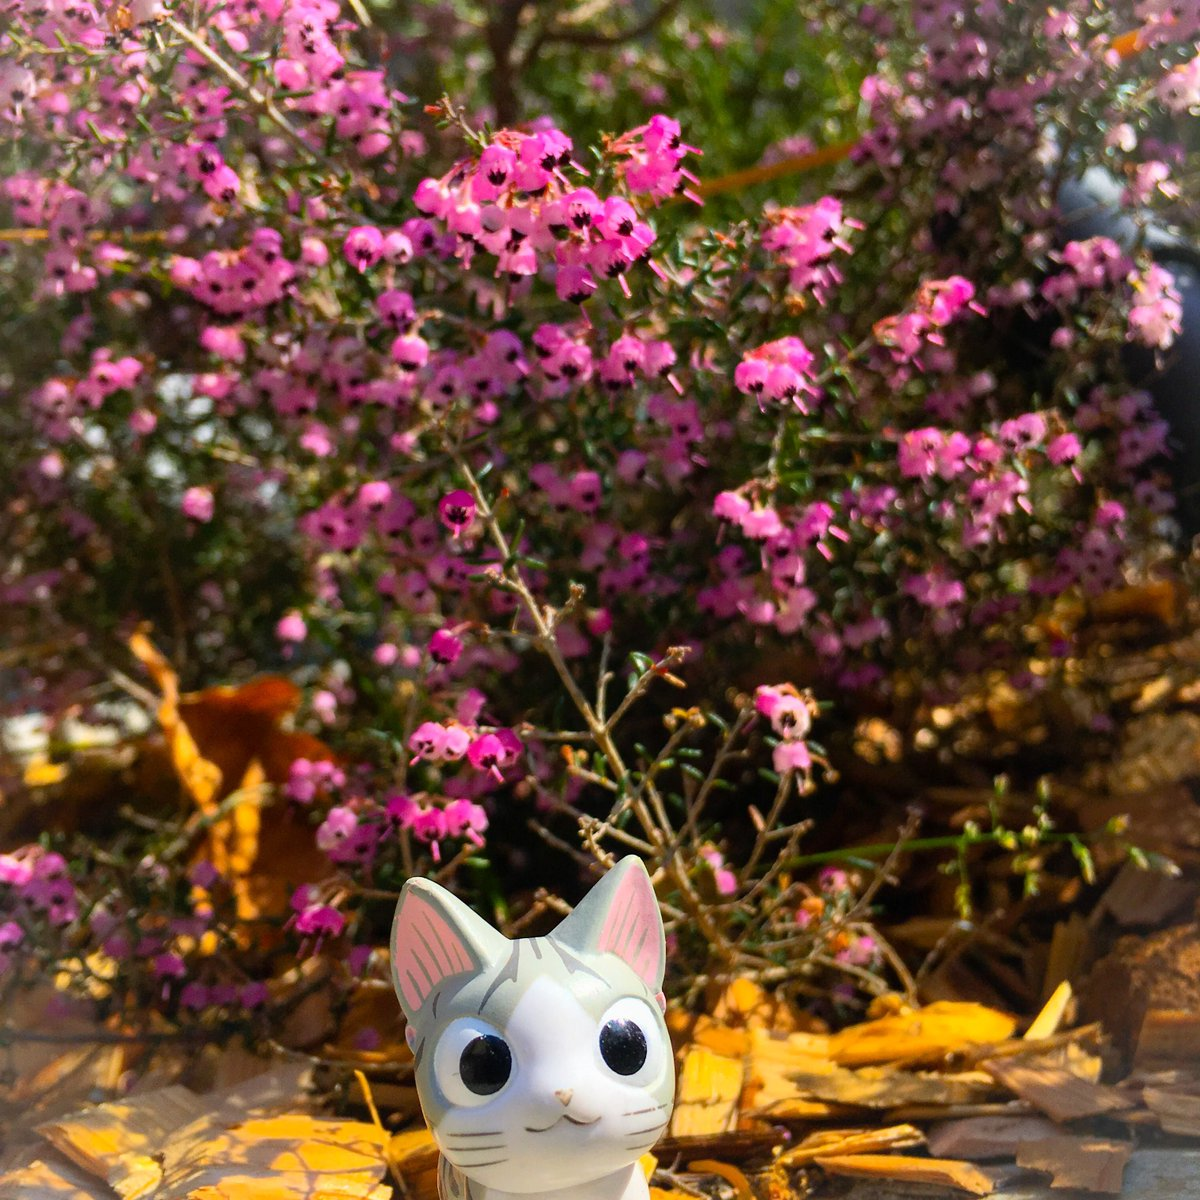 ポカポカようきの日は おさんぽが はかどるんら。お花も 咲くのが はかどってうんらよ。#こねこのチー #チーズスイートホ